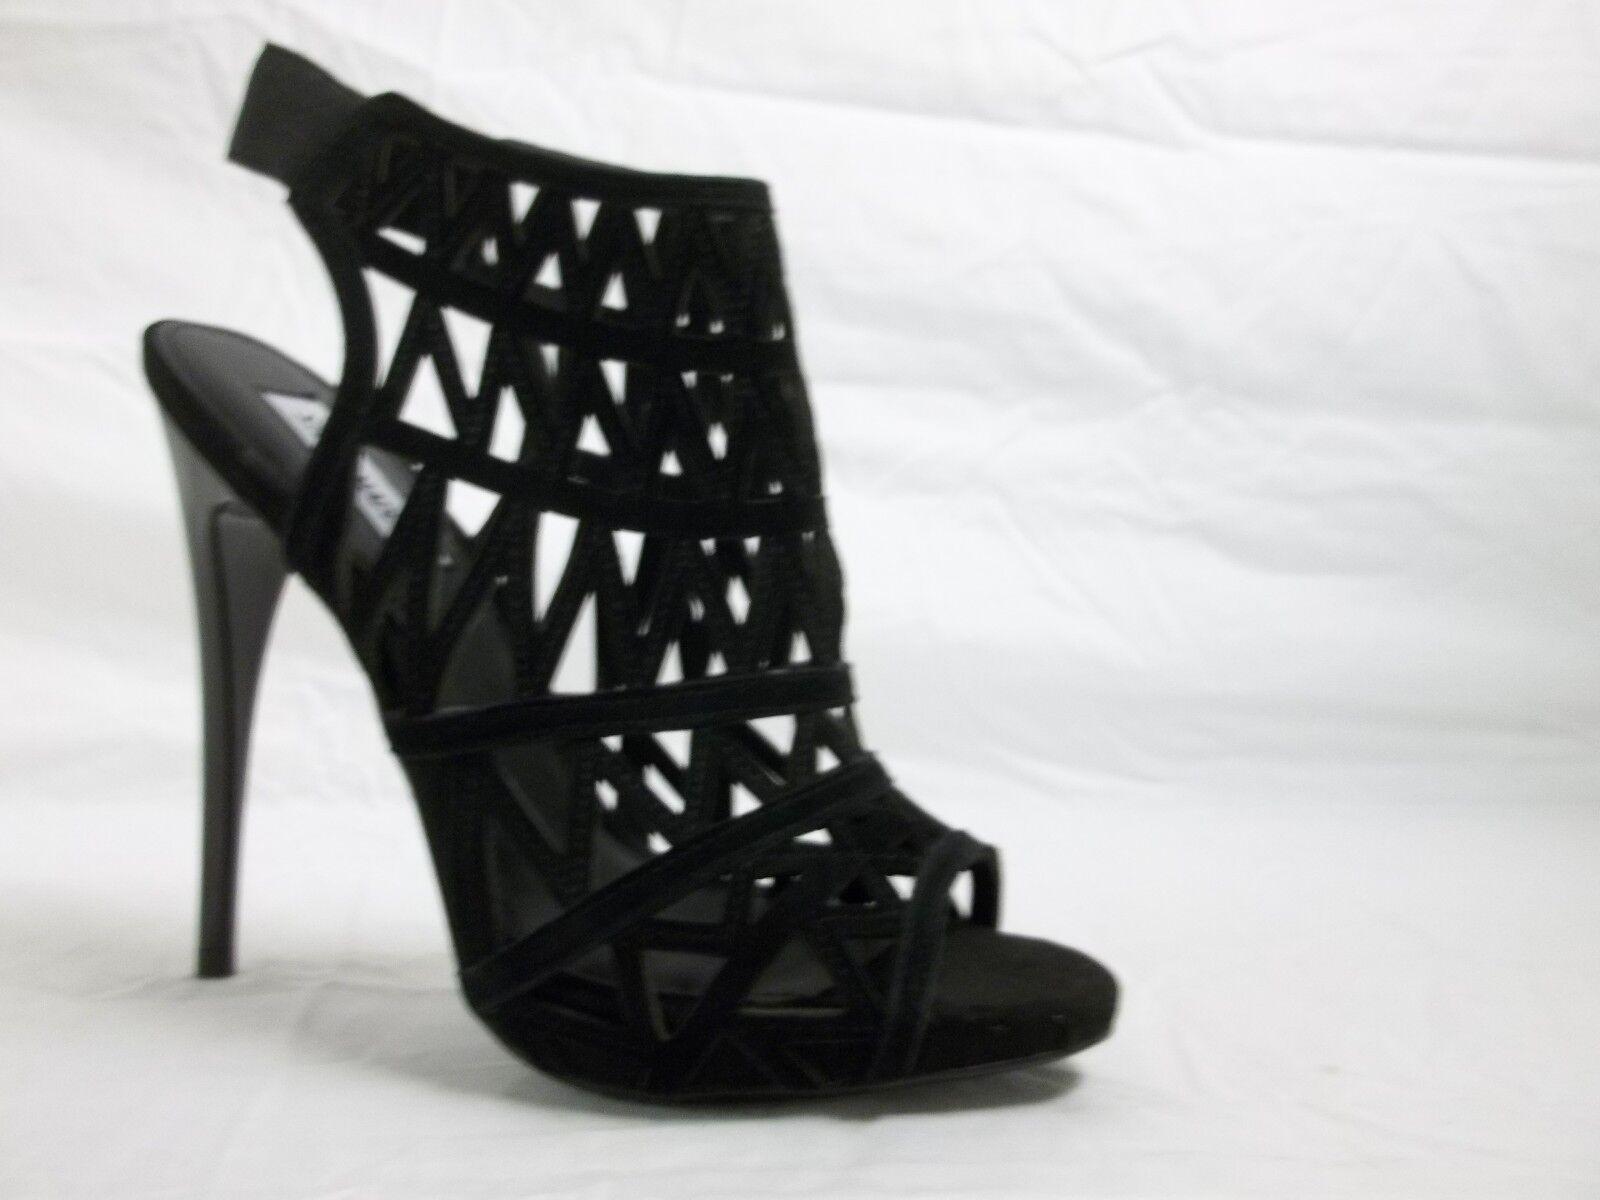 Sconto del 70% a buon mercato Steve Madden Dimensione 8.5 M M M Bratt nero Leather Open Toe Heels New donna scarpe NWOB  consegna diretta e rapida in fabbrica